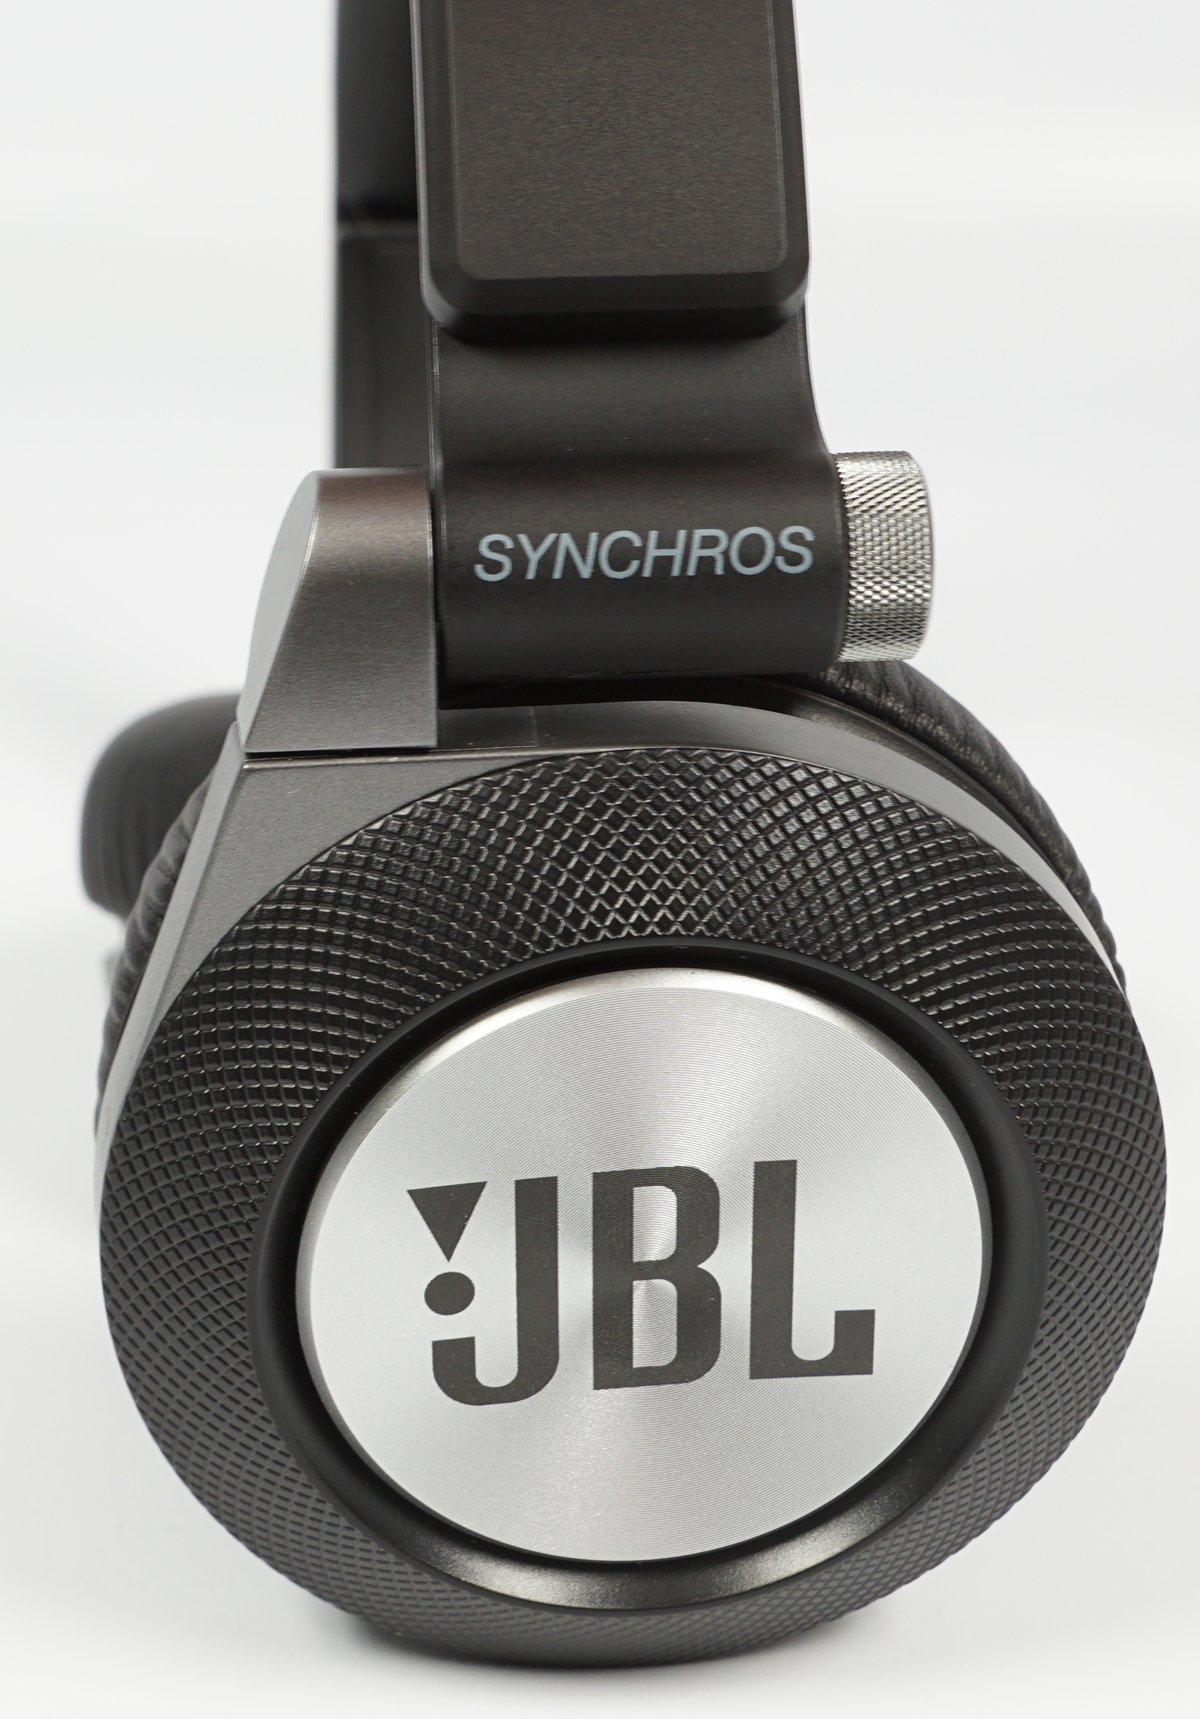 jbl kabellose kopfhörer test